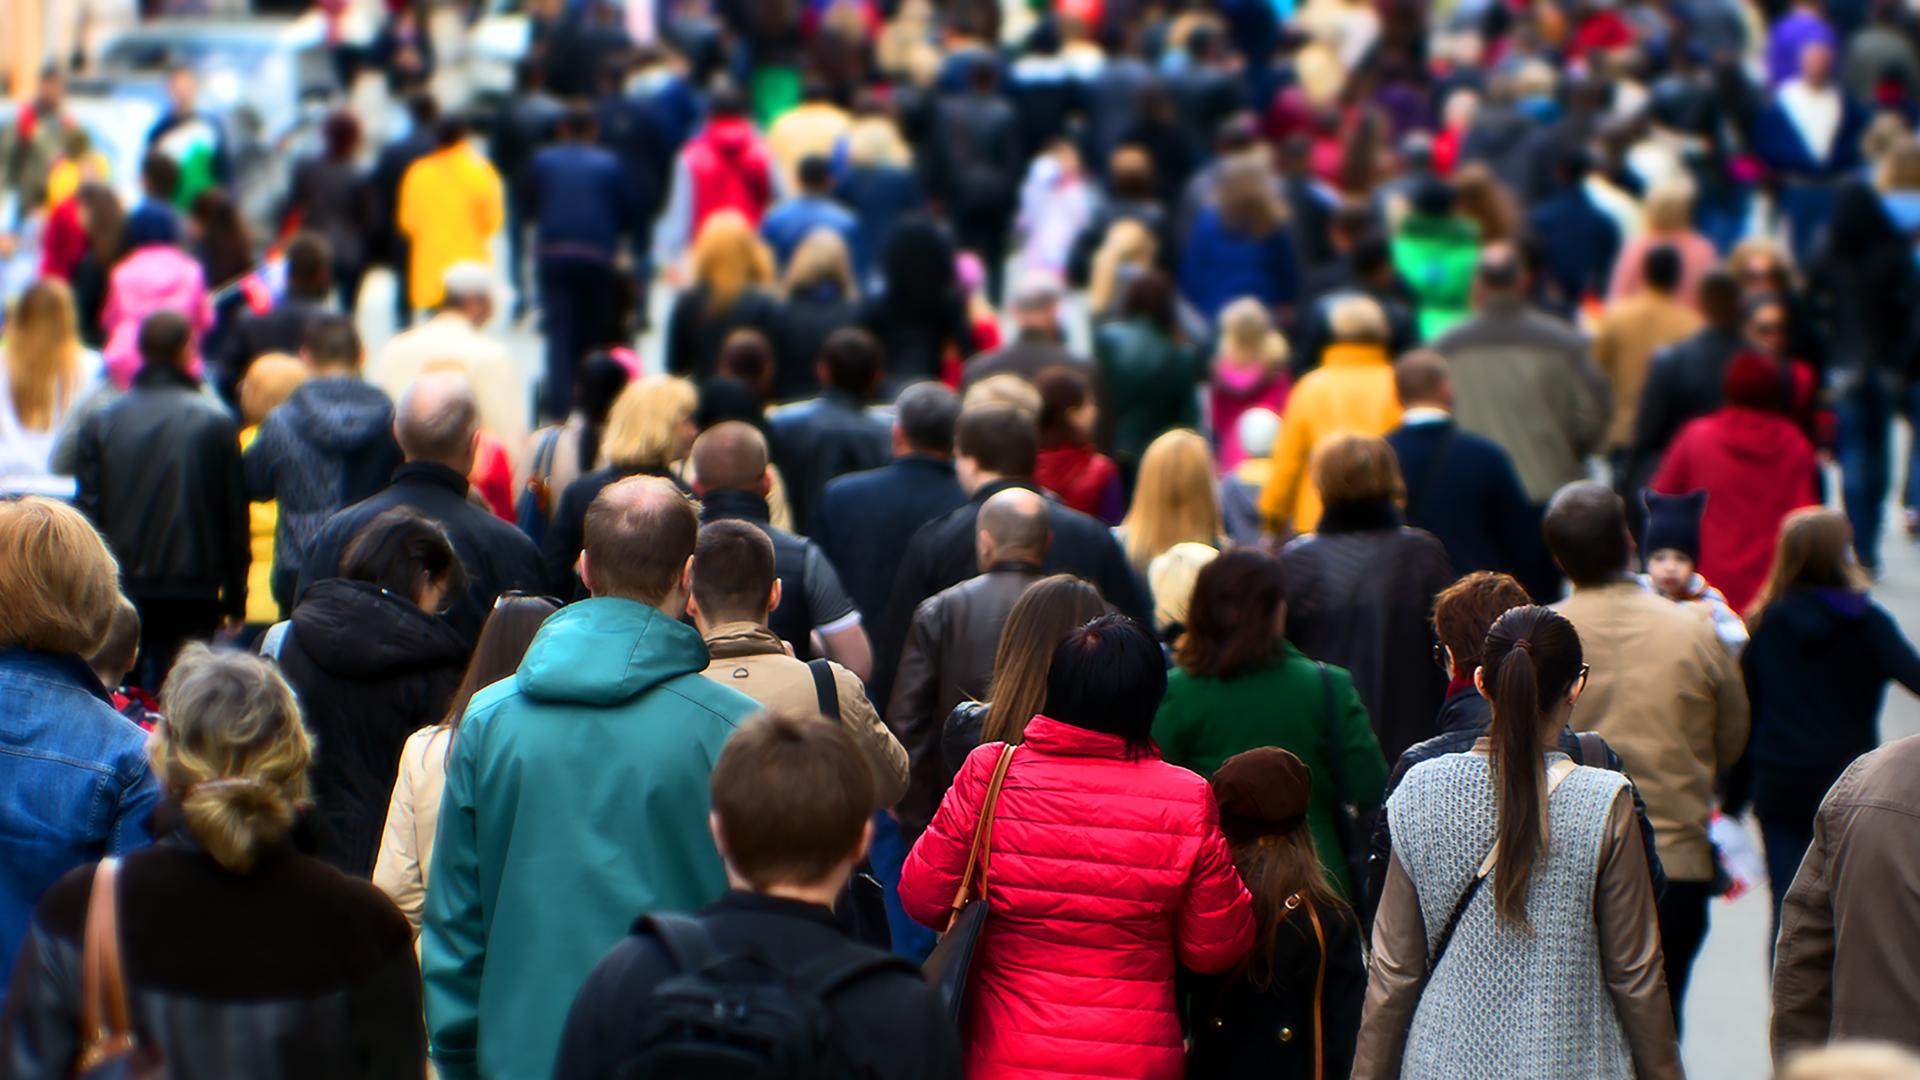 Biểu ngữ có hình đám đông đa dạng đang diễu hành.